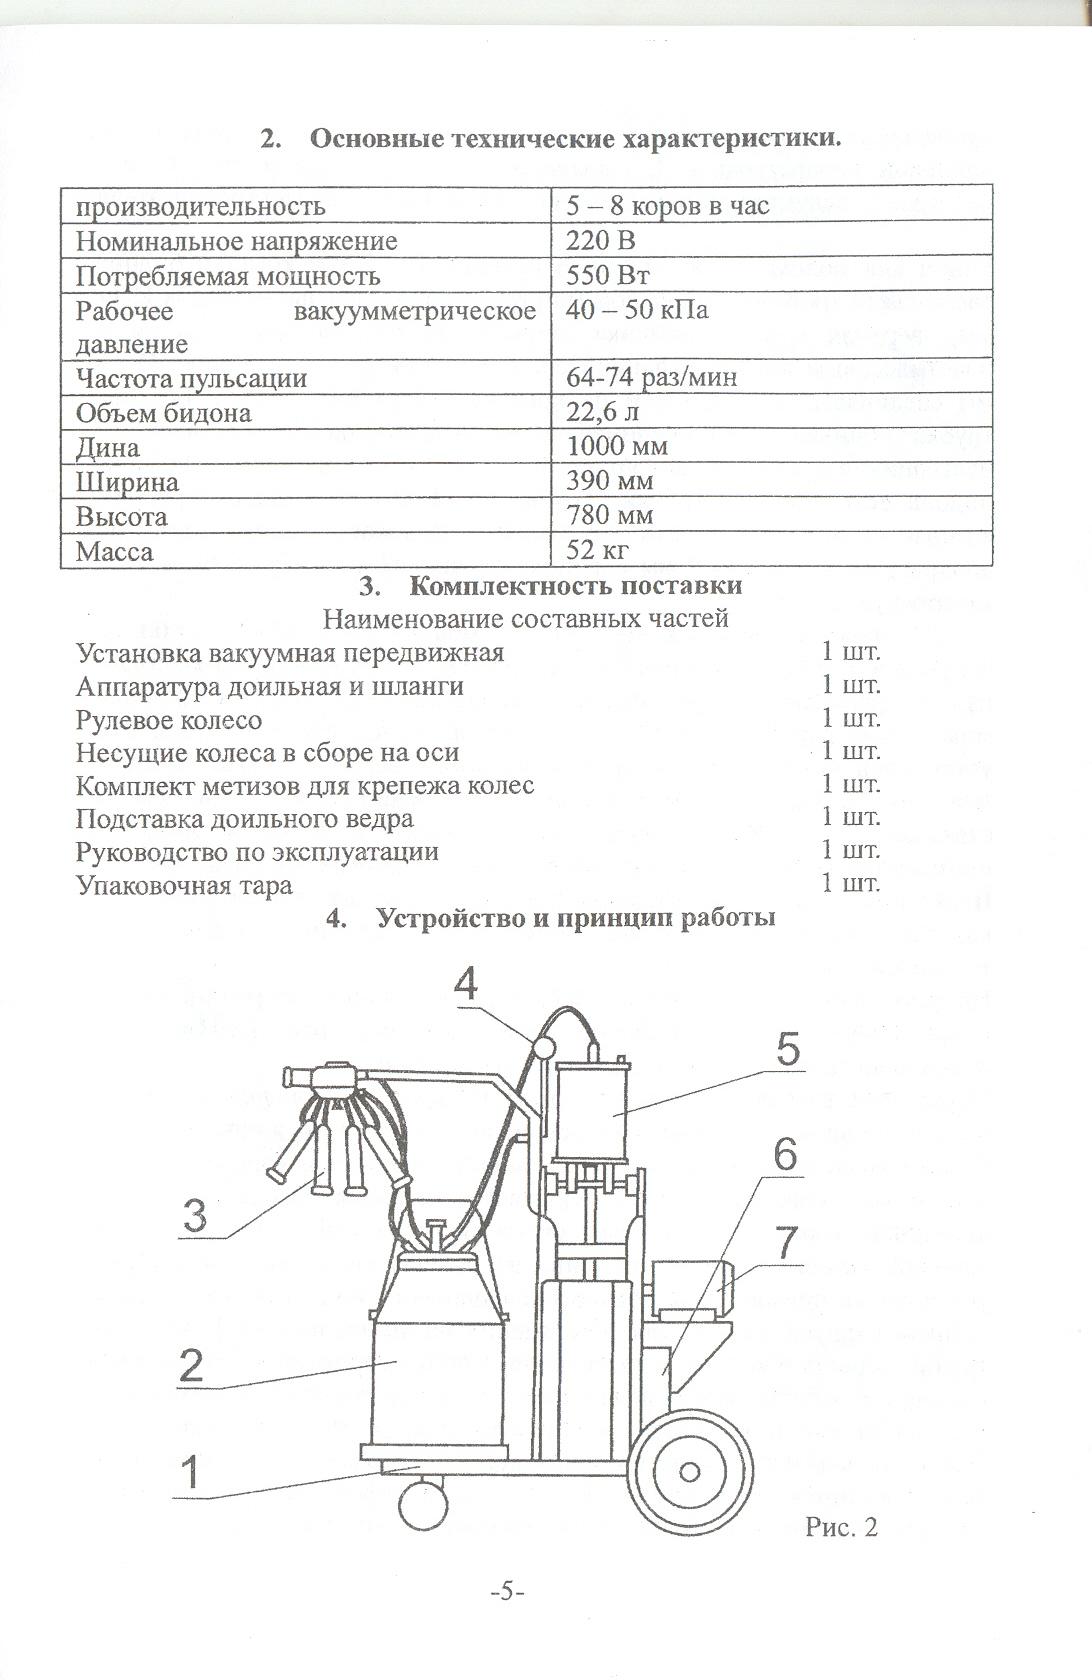 банкоматы инструкция пользования